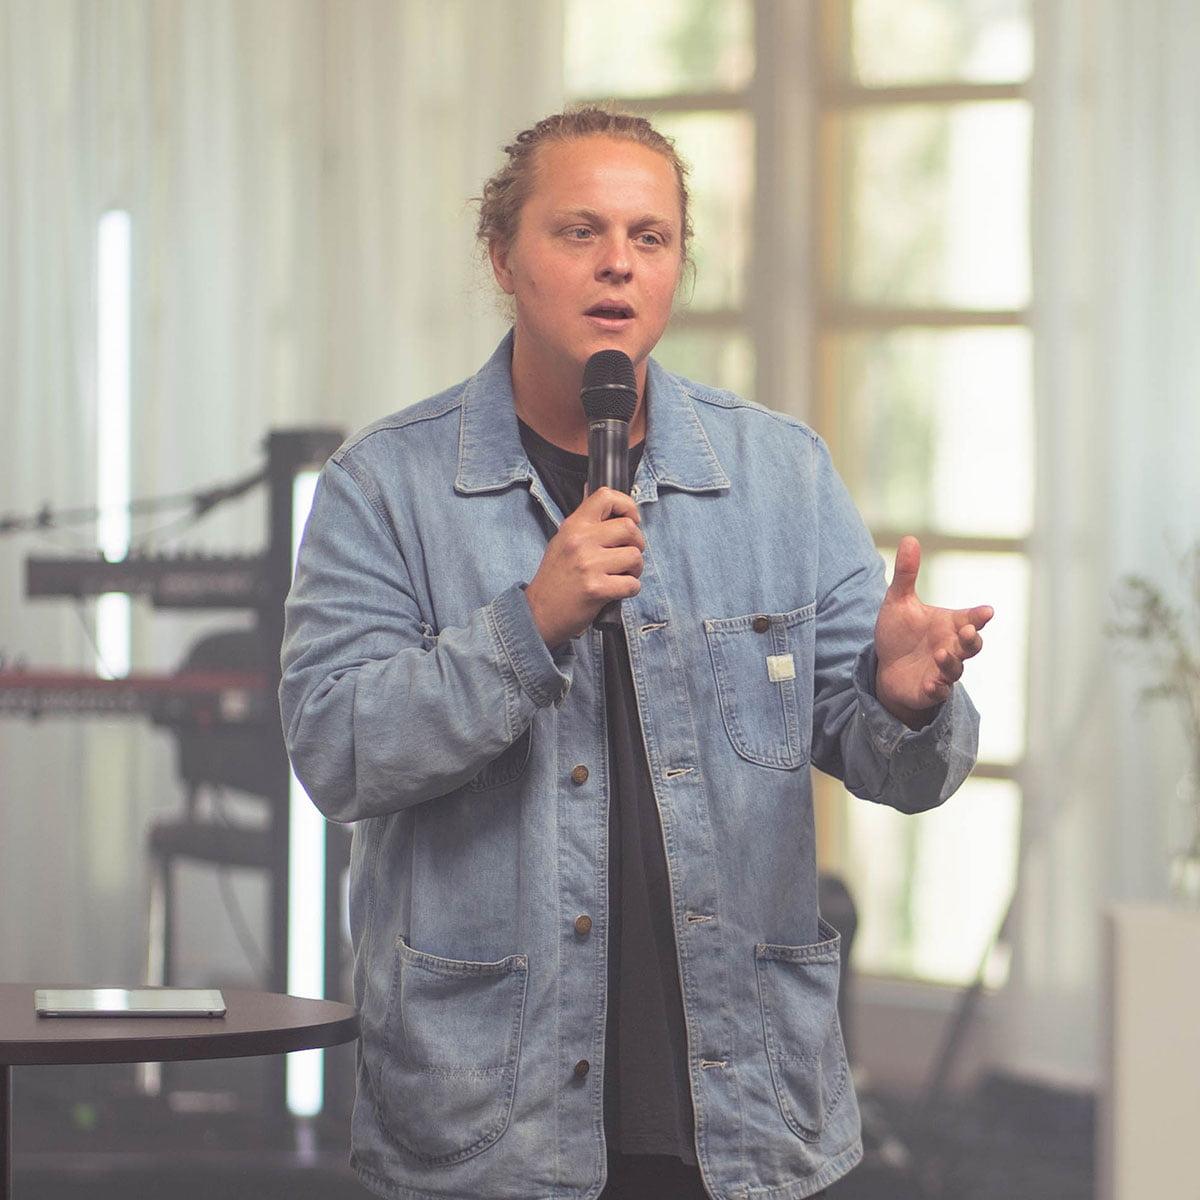 Jacob Ventlinger